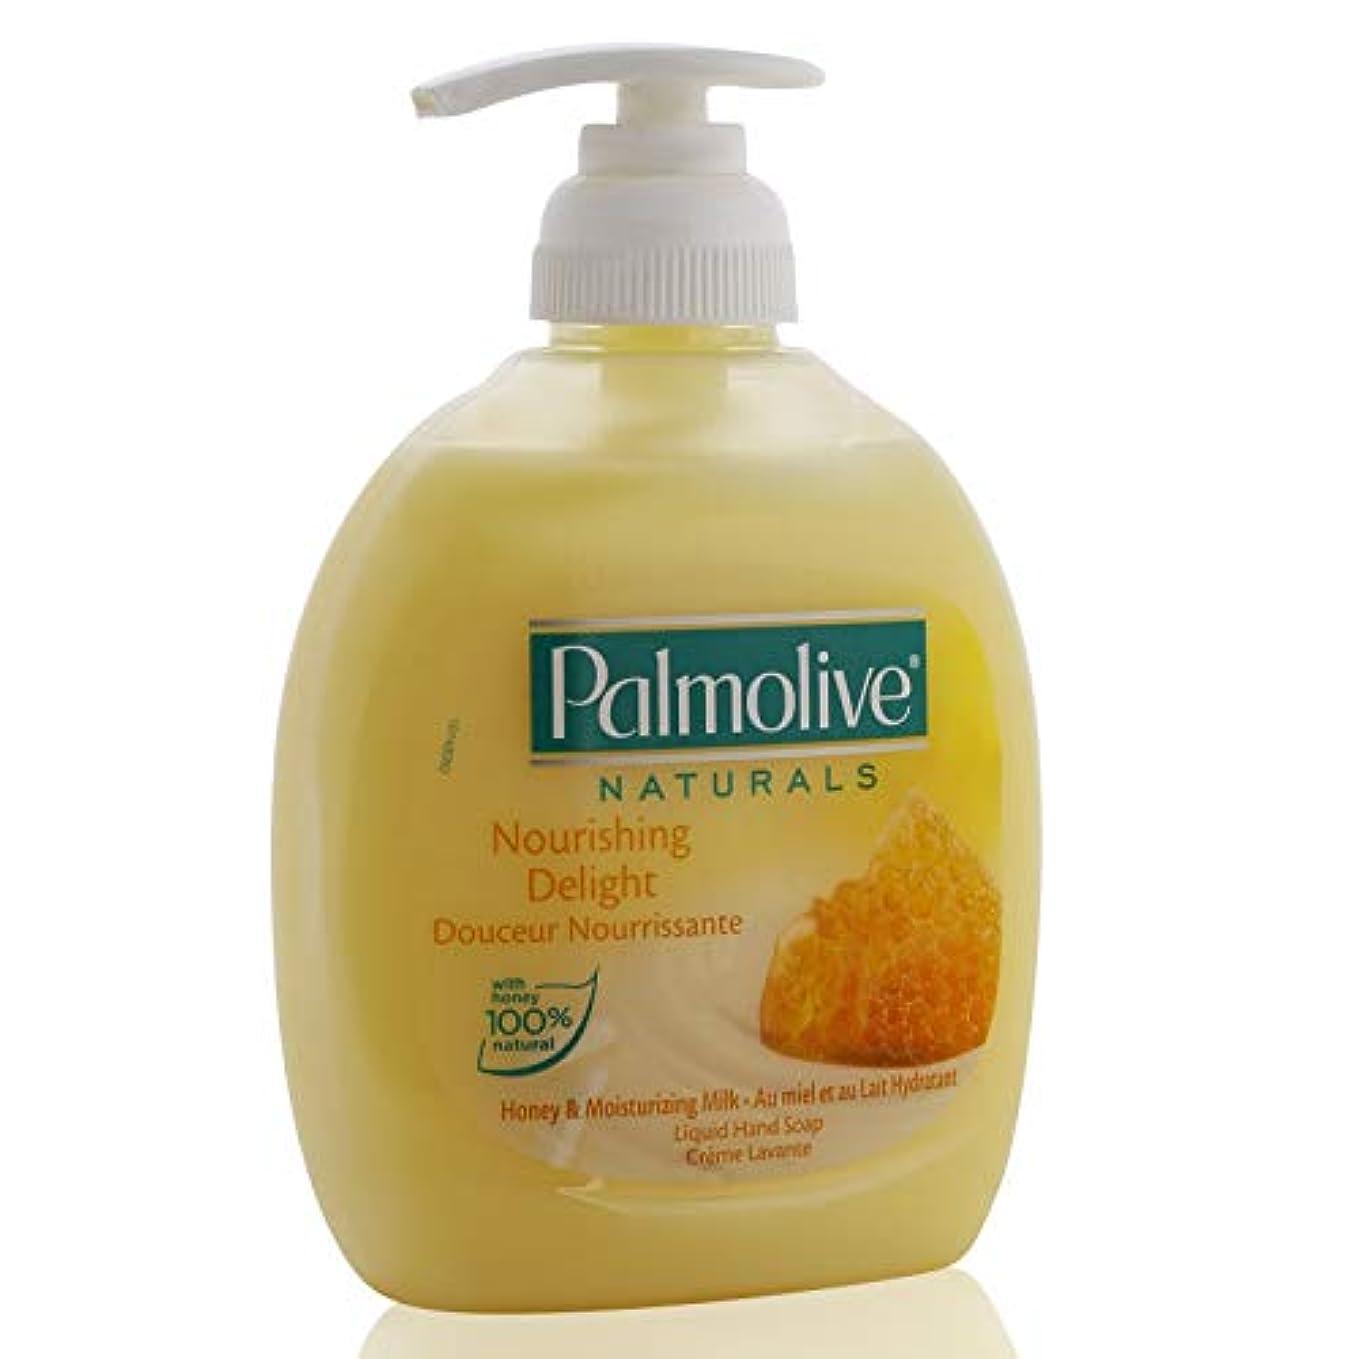 化学者スパークセンチメートルPalmolive Naturals Milk & Honey Liquid Handwash by Palmolive